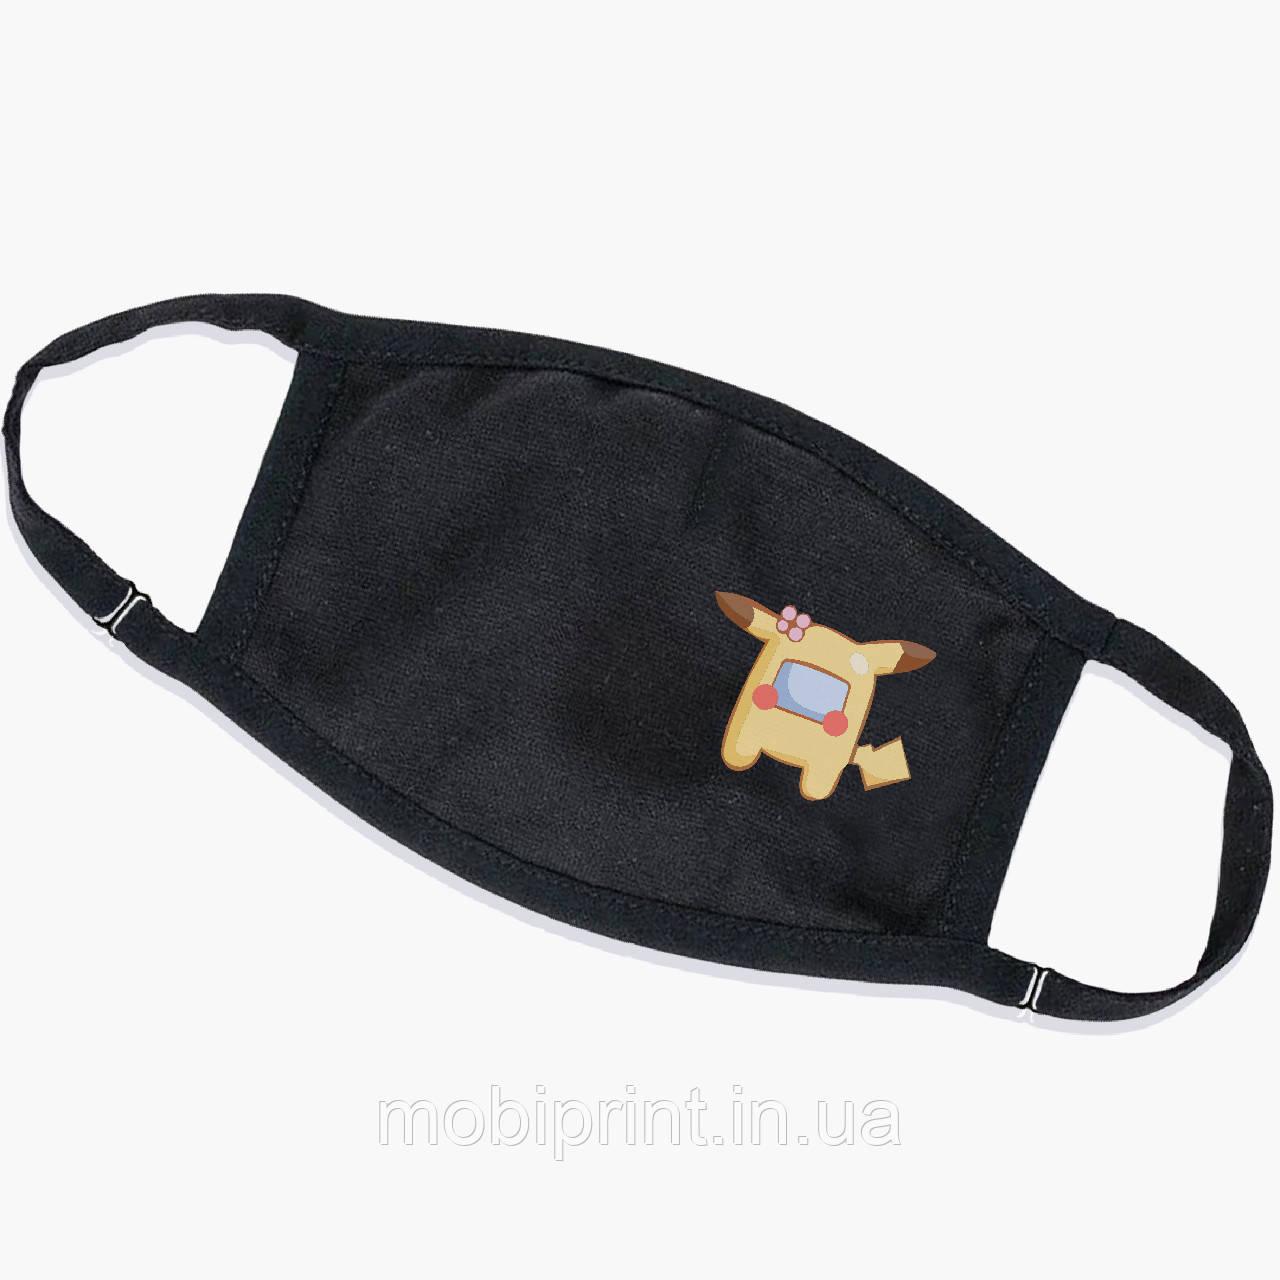 Многоразовая маска Амонг Ас Покемон Пикачу (Among Us Pokemon Pikachu) (9259-2419) тканевая для детей и